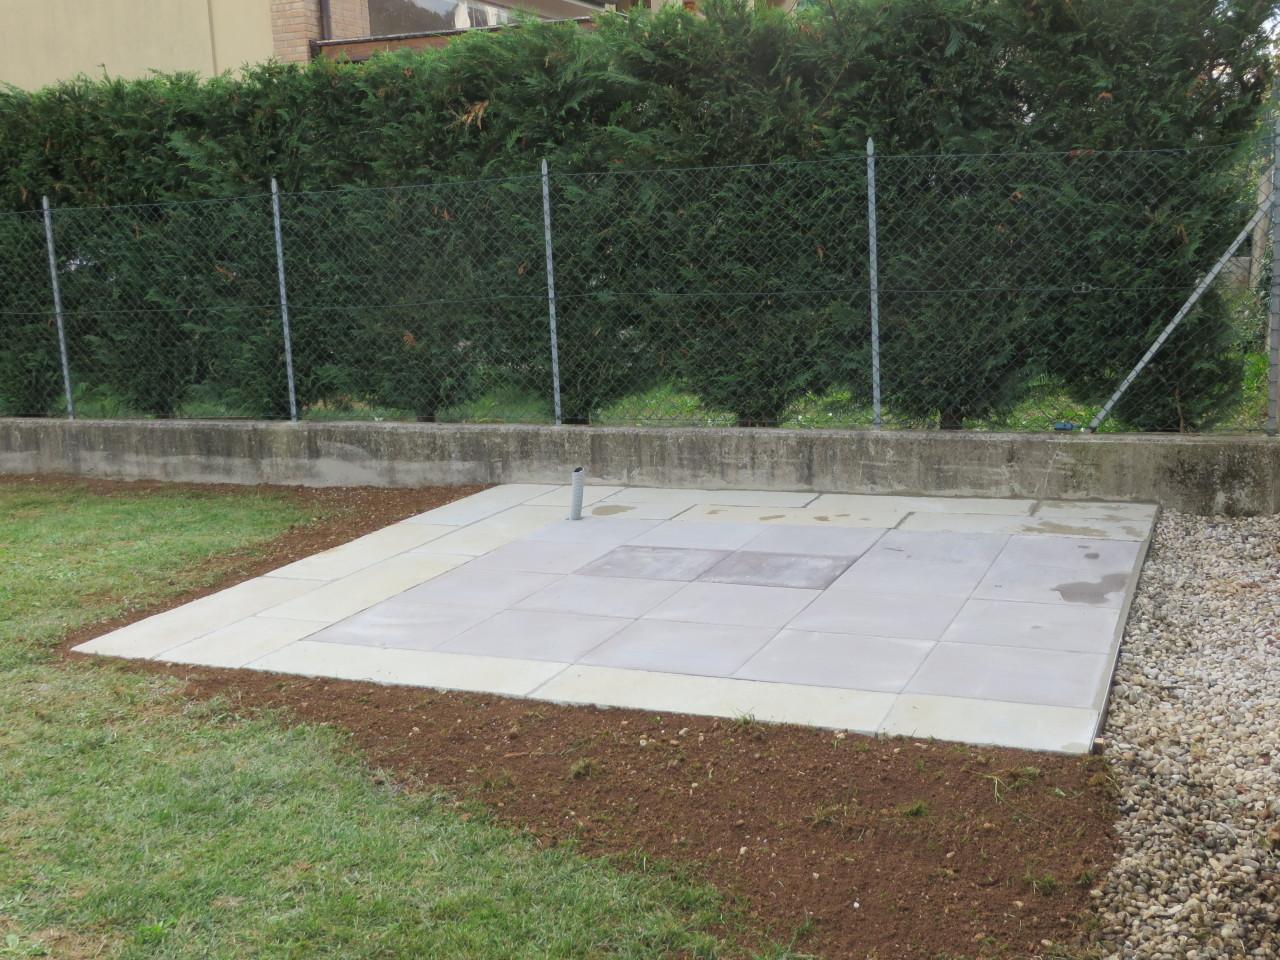 Realizzare un basamento per casette di legno - Pavimentazione giardino in legno ...